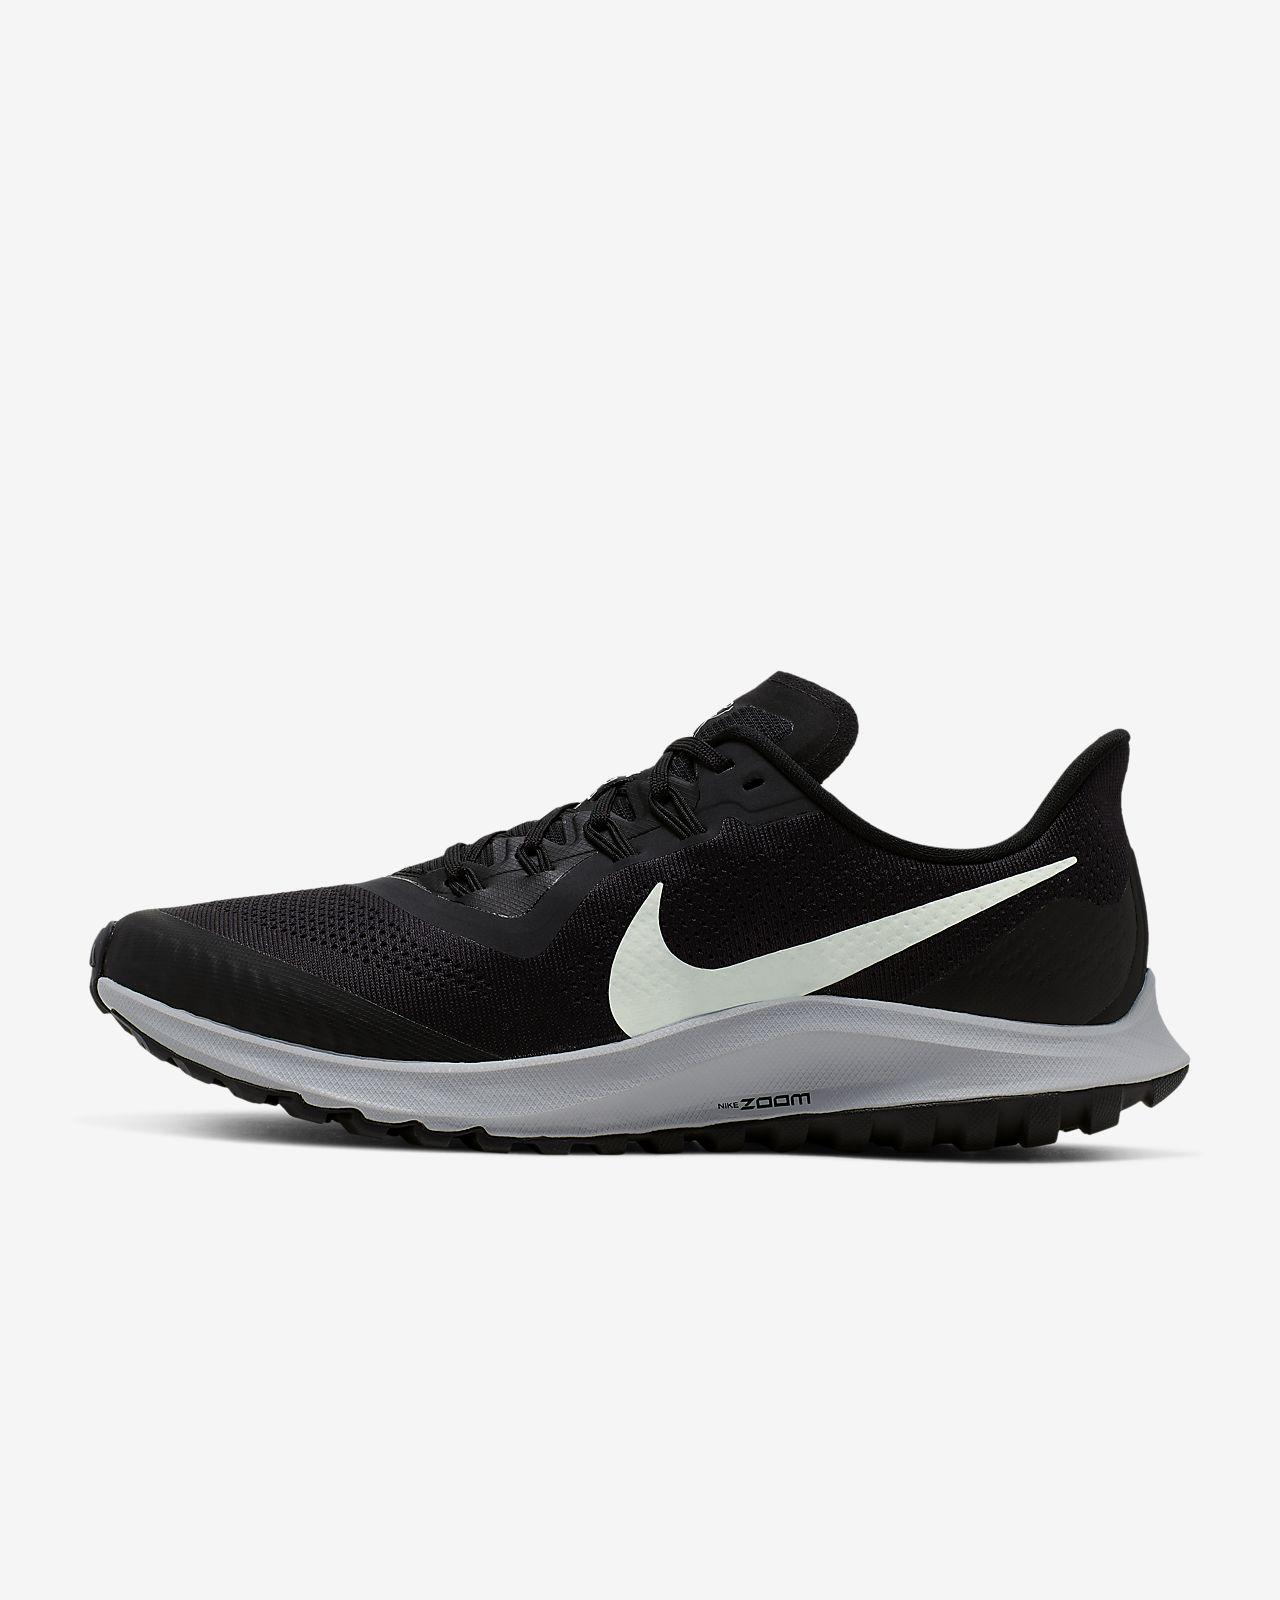 meilleur site web e8e5e bdff5 Chaussure de running Nike Air Zoom Pegasus 36 Trail pour Homme